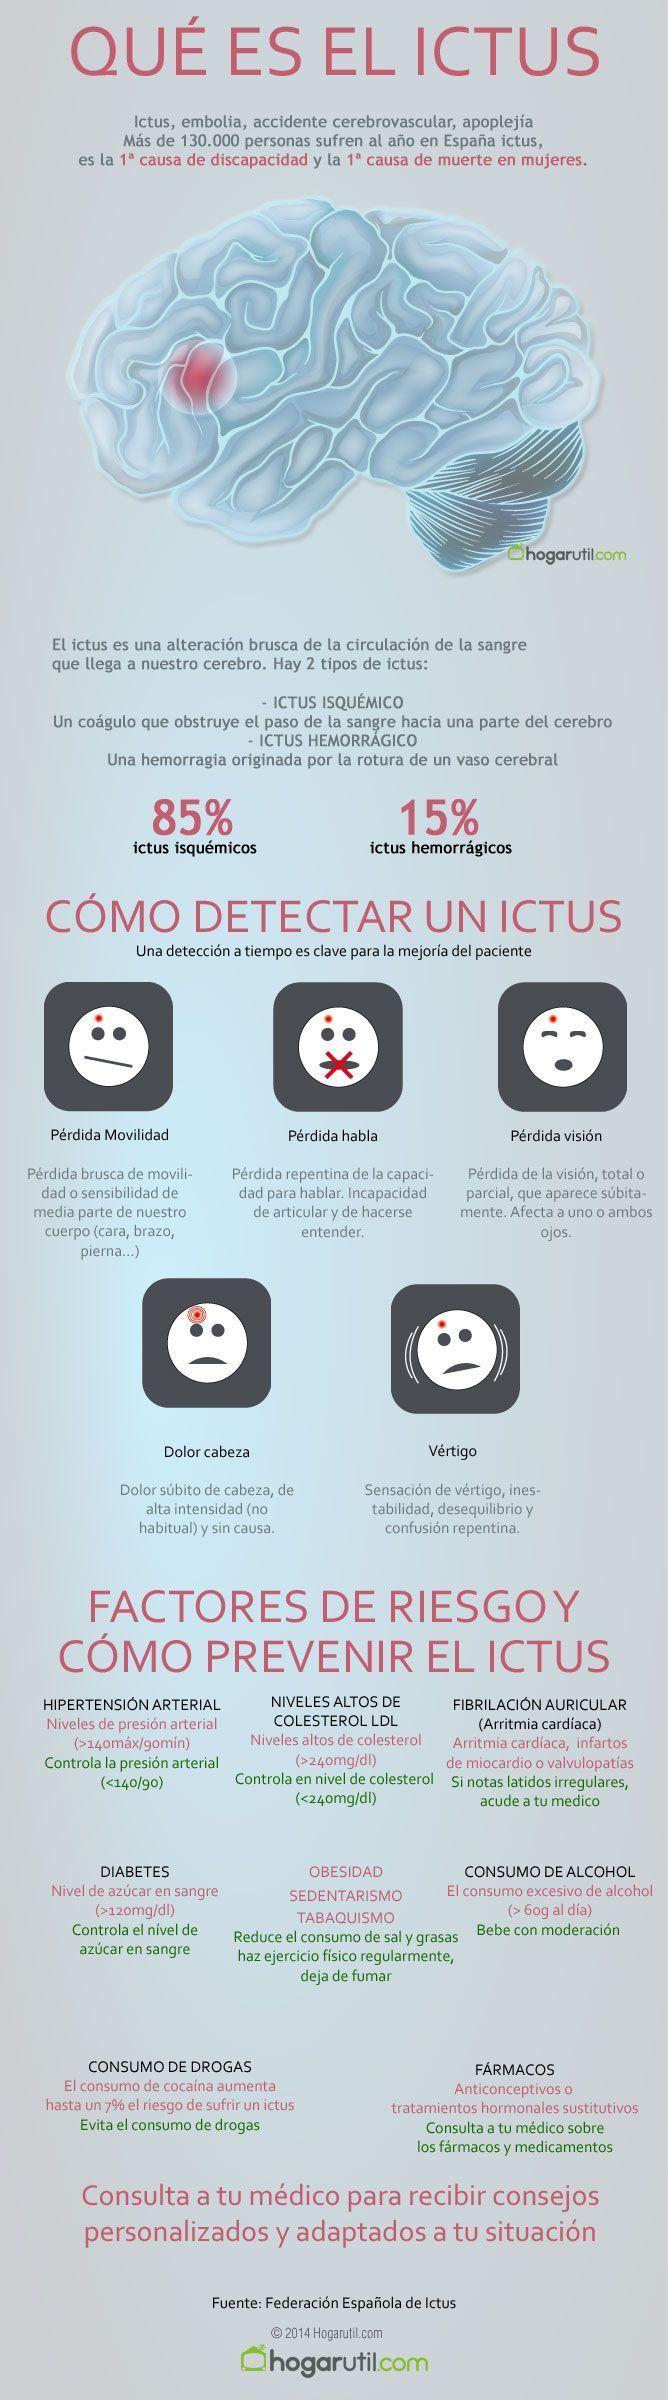 Cuales son los síntomas de un ictus cerebral o derrame y como prevenirlo. #salud #infografia #ictus